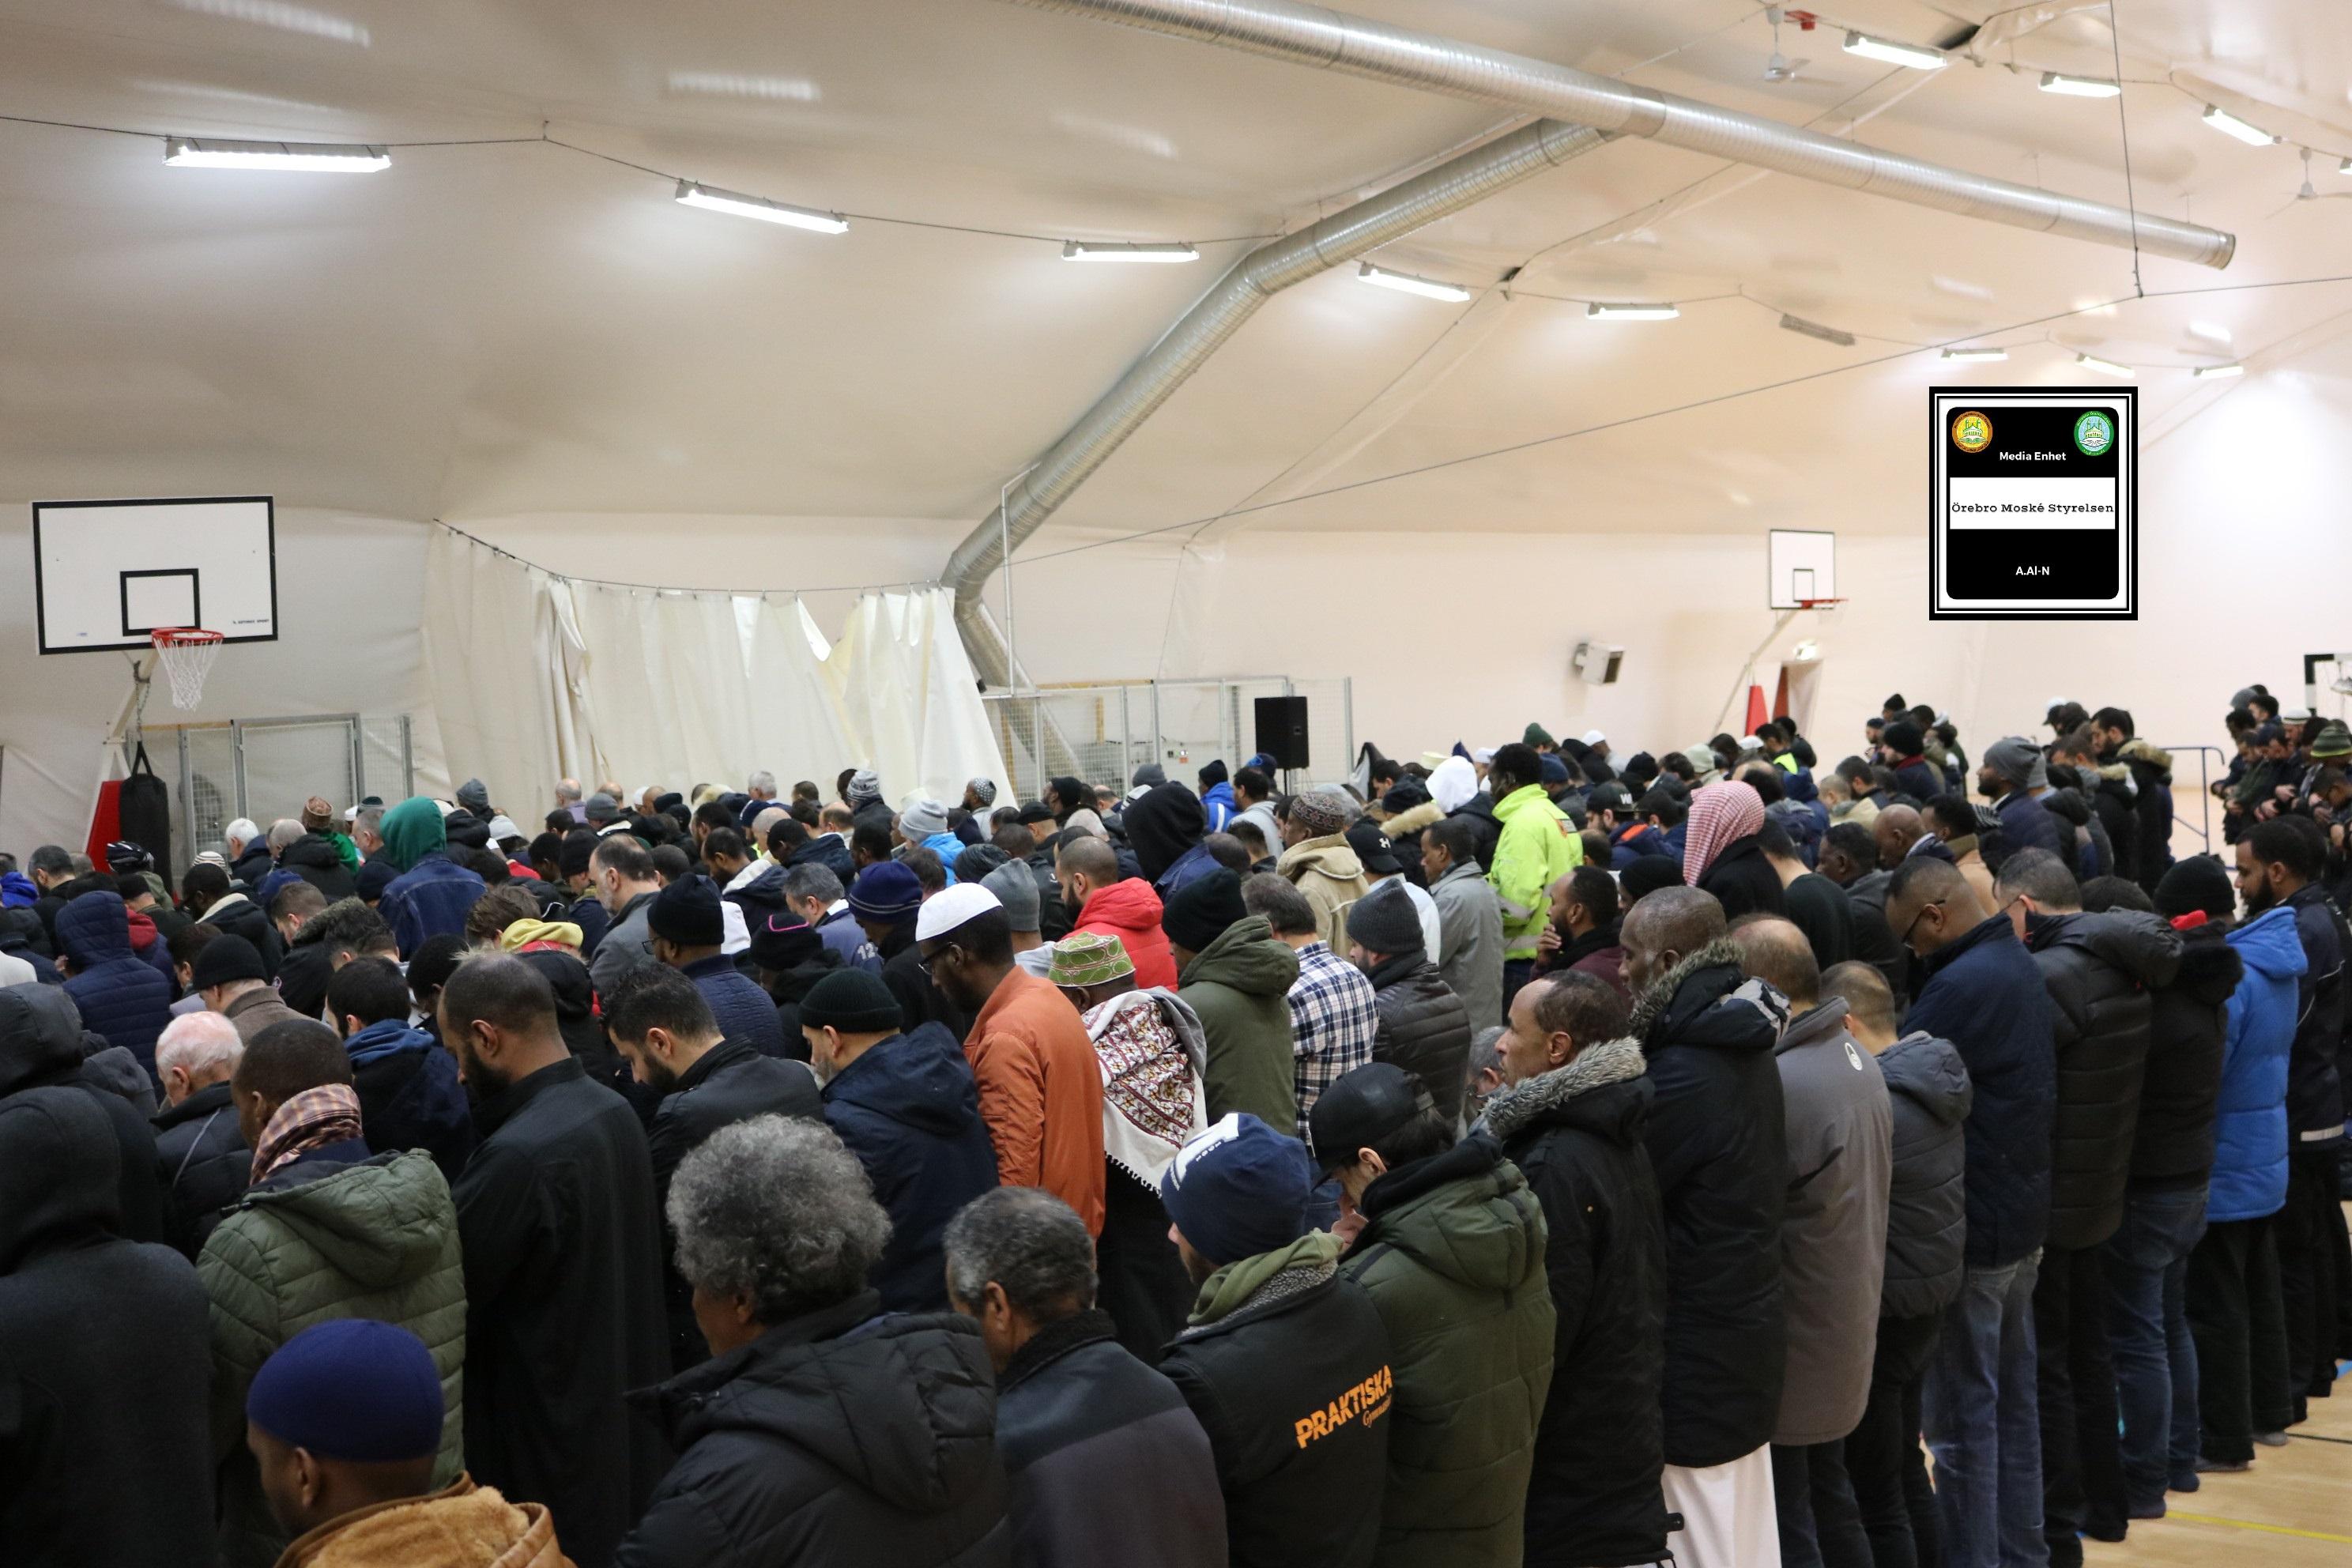 """اخطاء المصلين *************************** 2018-11-23 *************************** Shikh Abu Husam Hariri *************************** Friday Bön – Friday Prayers صلاة الجمعة *************************** FILMED ON LOCATION *************************** Ballonghallen i Örebro """"En tillfällig plats efter moskén brändes"""" *************************** Sverige – السويد – Sweden *************************** DIRECTED BY ********************************* A.Al-N ********************************* Effected Video (Facebook) ********************************* Irakier i Örebro – Iraqis in Orebro (Facebook) ********************************* Örebro moské älskare – Orebro mosque lovers – محبي مسجد اوربرو (Facebook) ************************************************ Effected Video (YouTube) http://www.youtube.com/channel/UCSEb-ibpdTXYFwLsCf8E3Aw ************************************************ Baghdad forever (YouTube) http://www.youtube.com/user/baghdadiforever"""